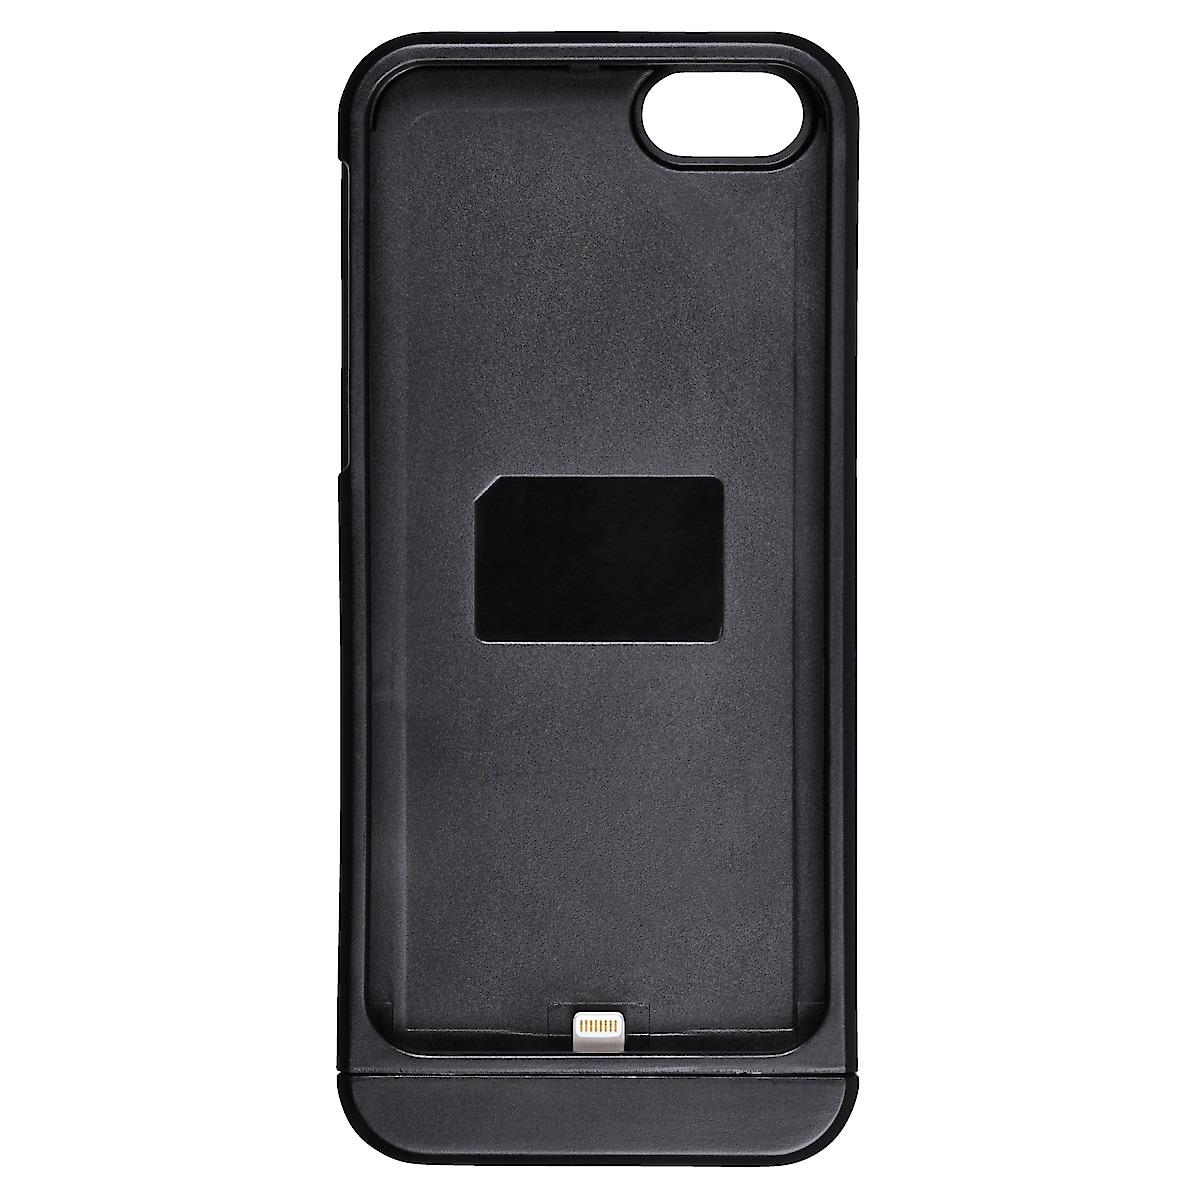 Matkapuhelinkotelo Qi, iPhone 5/5S:lle